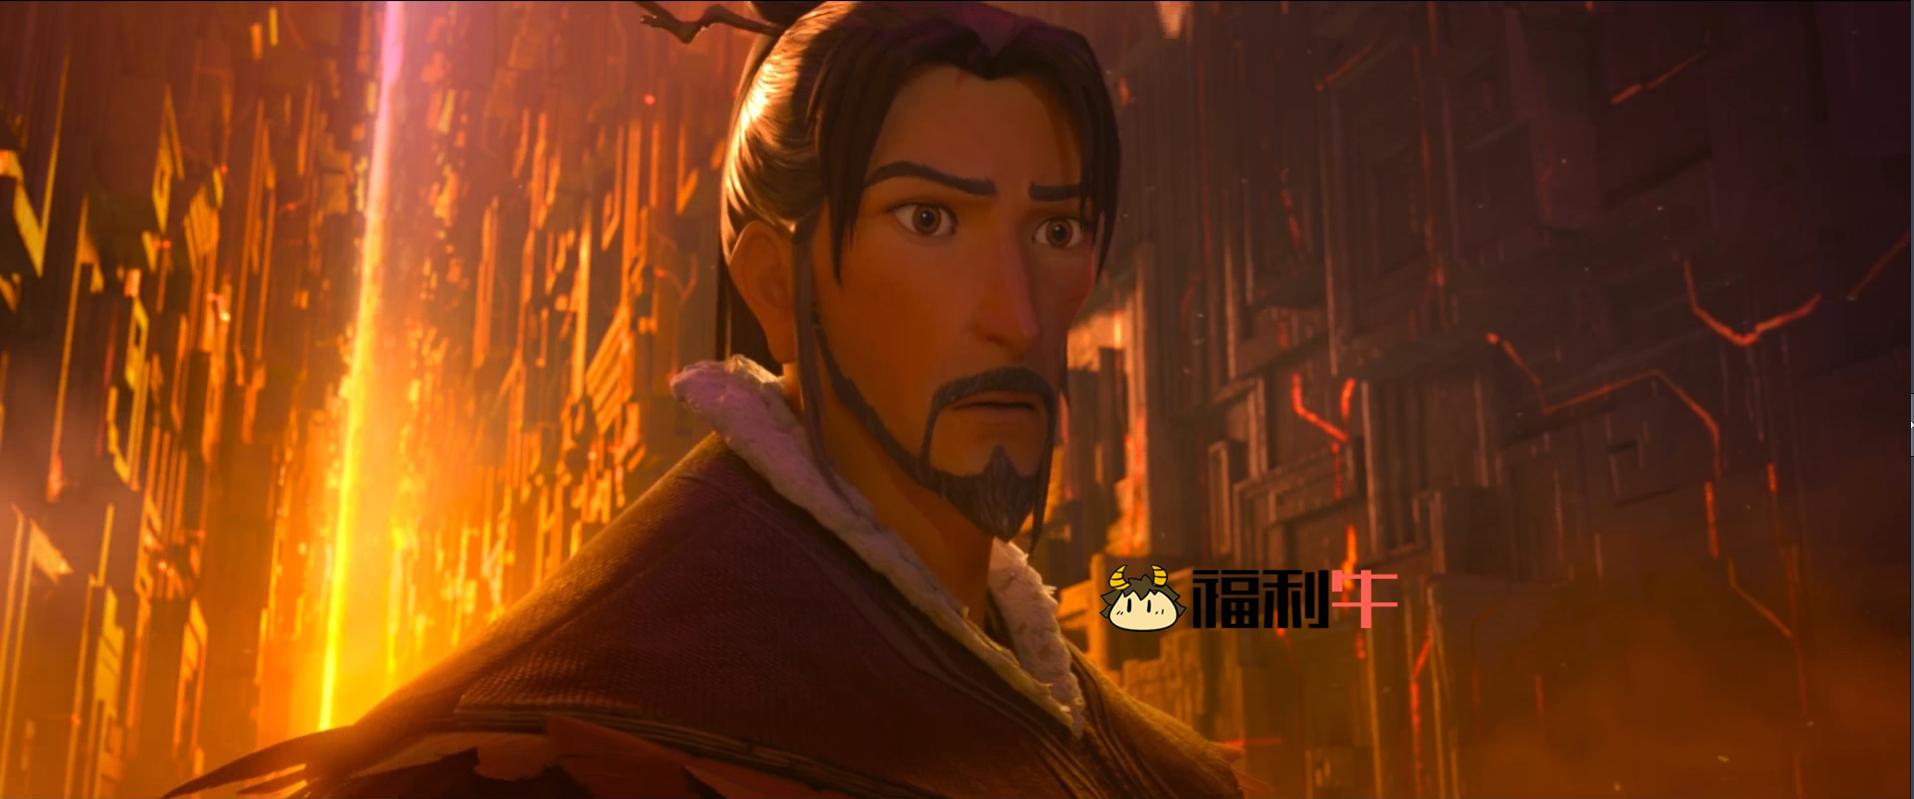 动画电影《姜子牙》最新1080高清版插图2